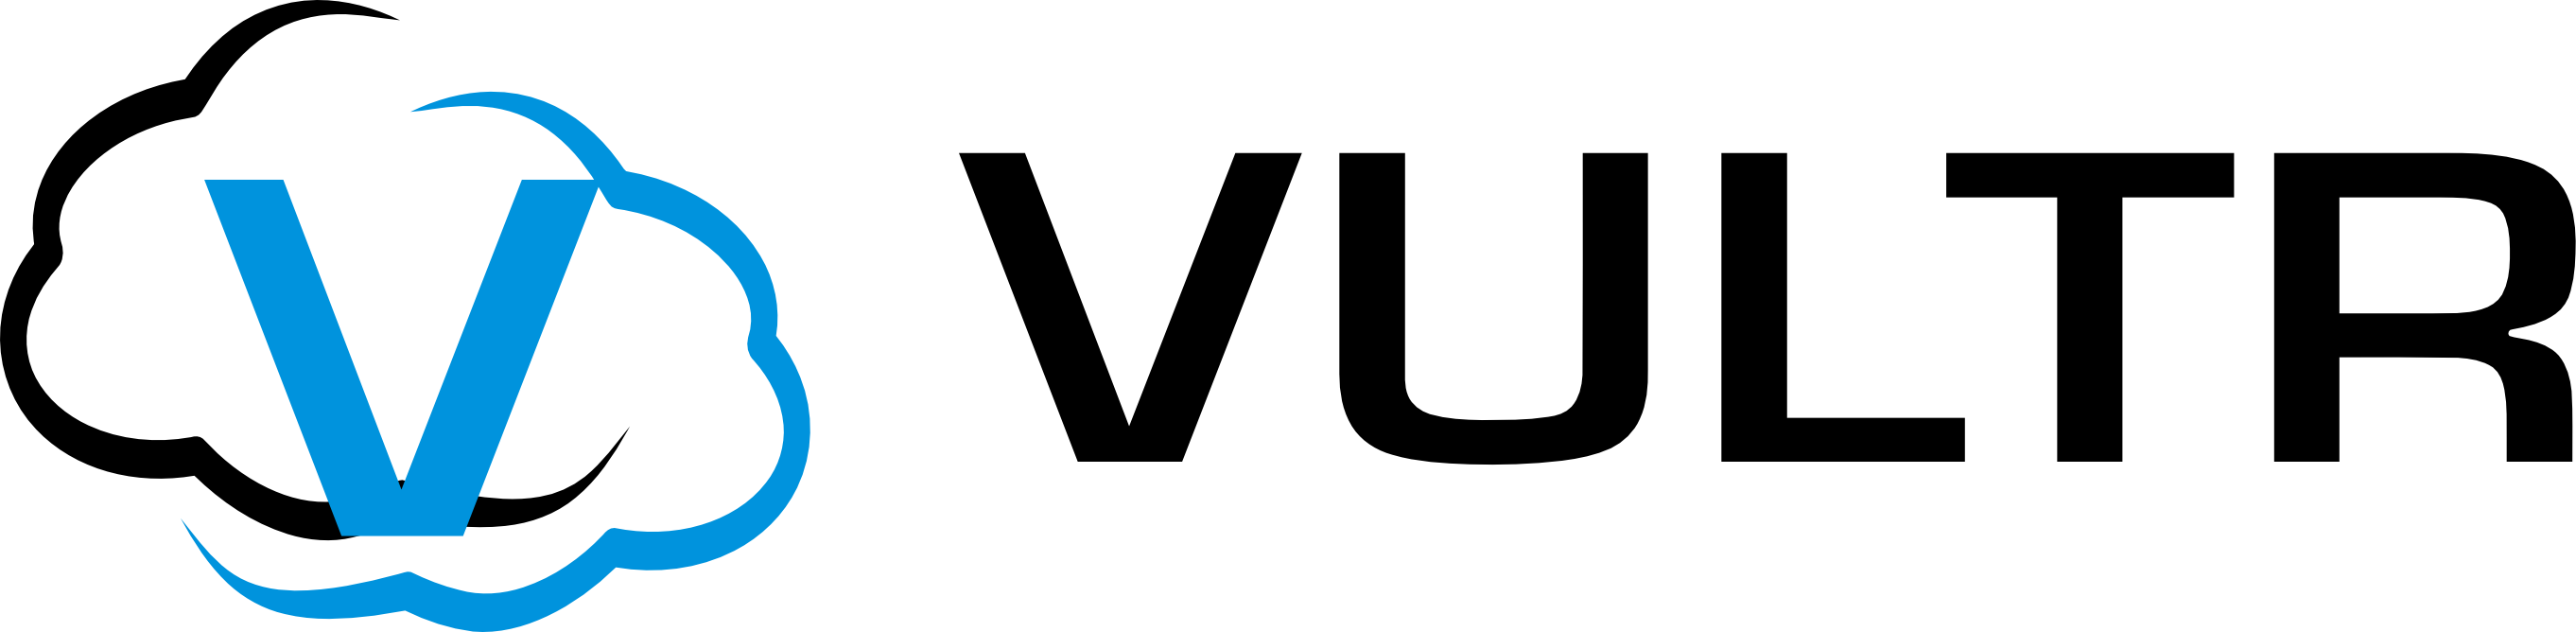 https://www.vultr.com/media/logo1.png